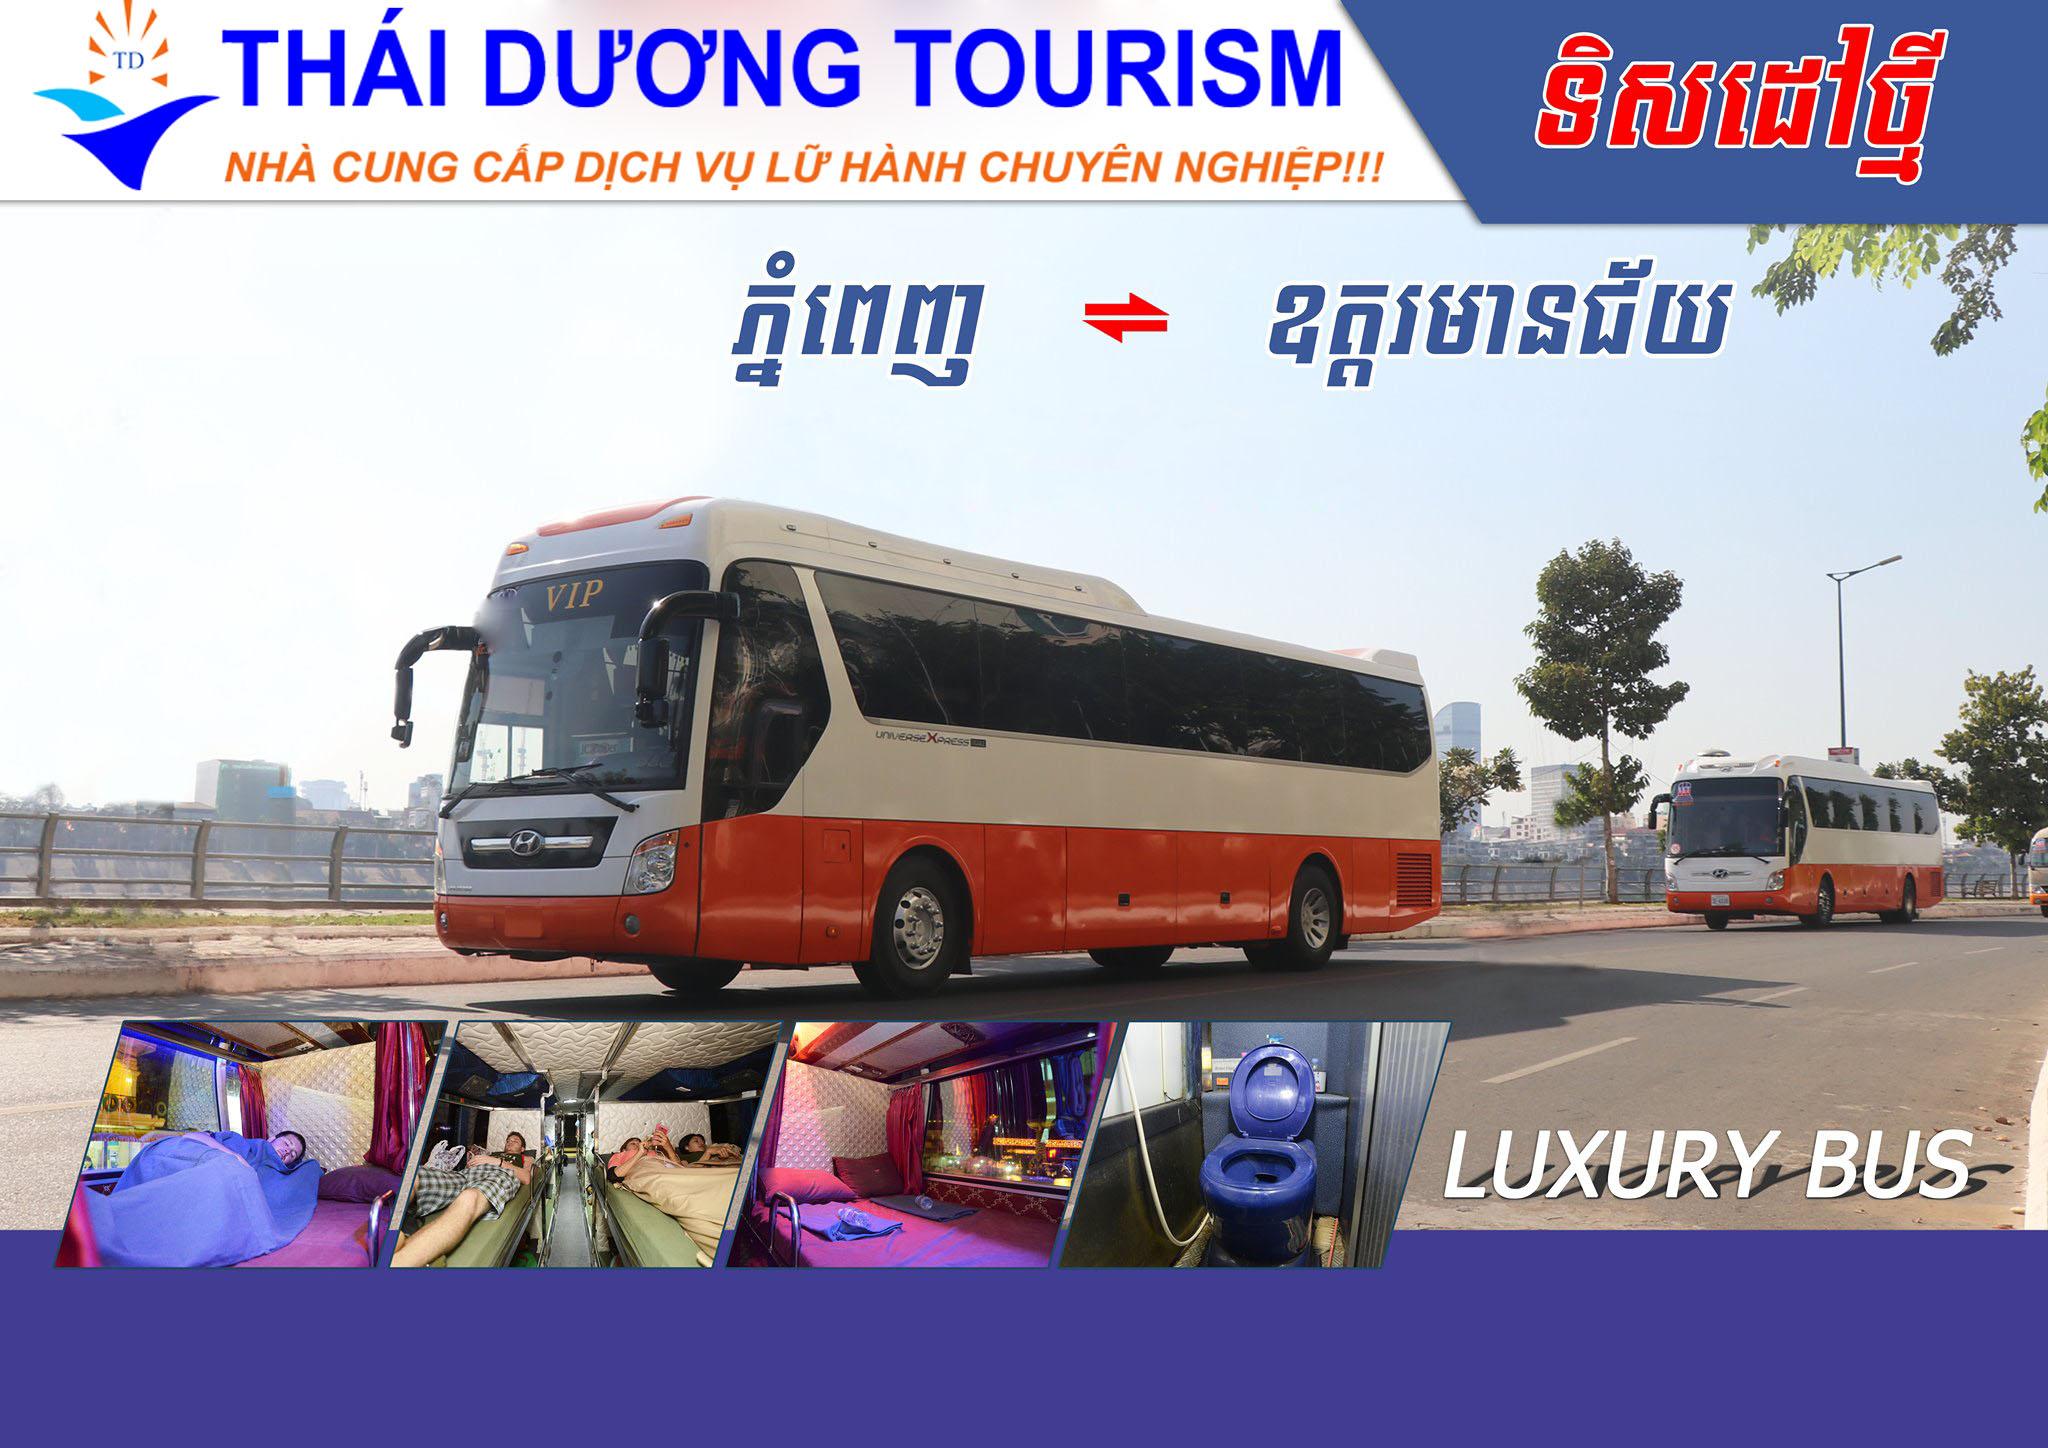 67964174 2770615673003071 8591831902392942592 o - Danh sách nhà xe đi Phnom Penh Campuchia